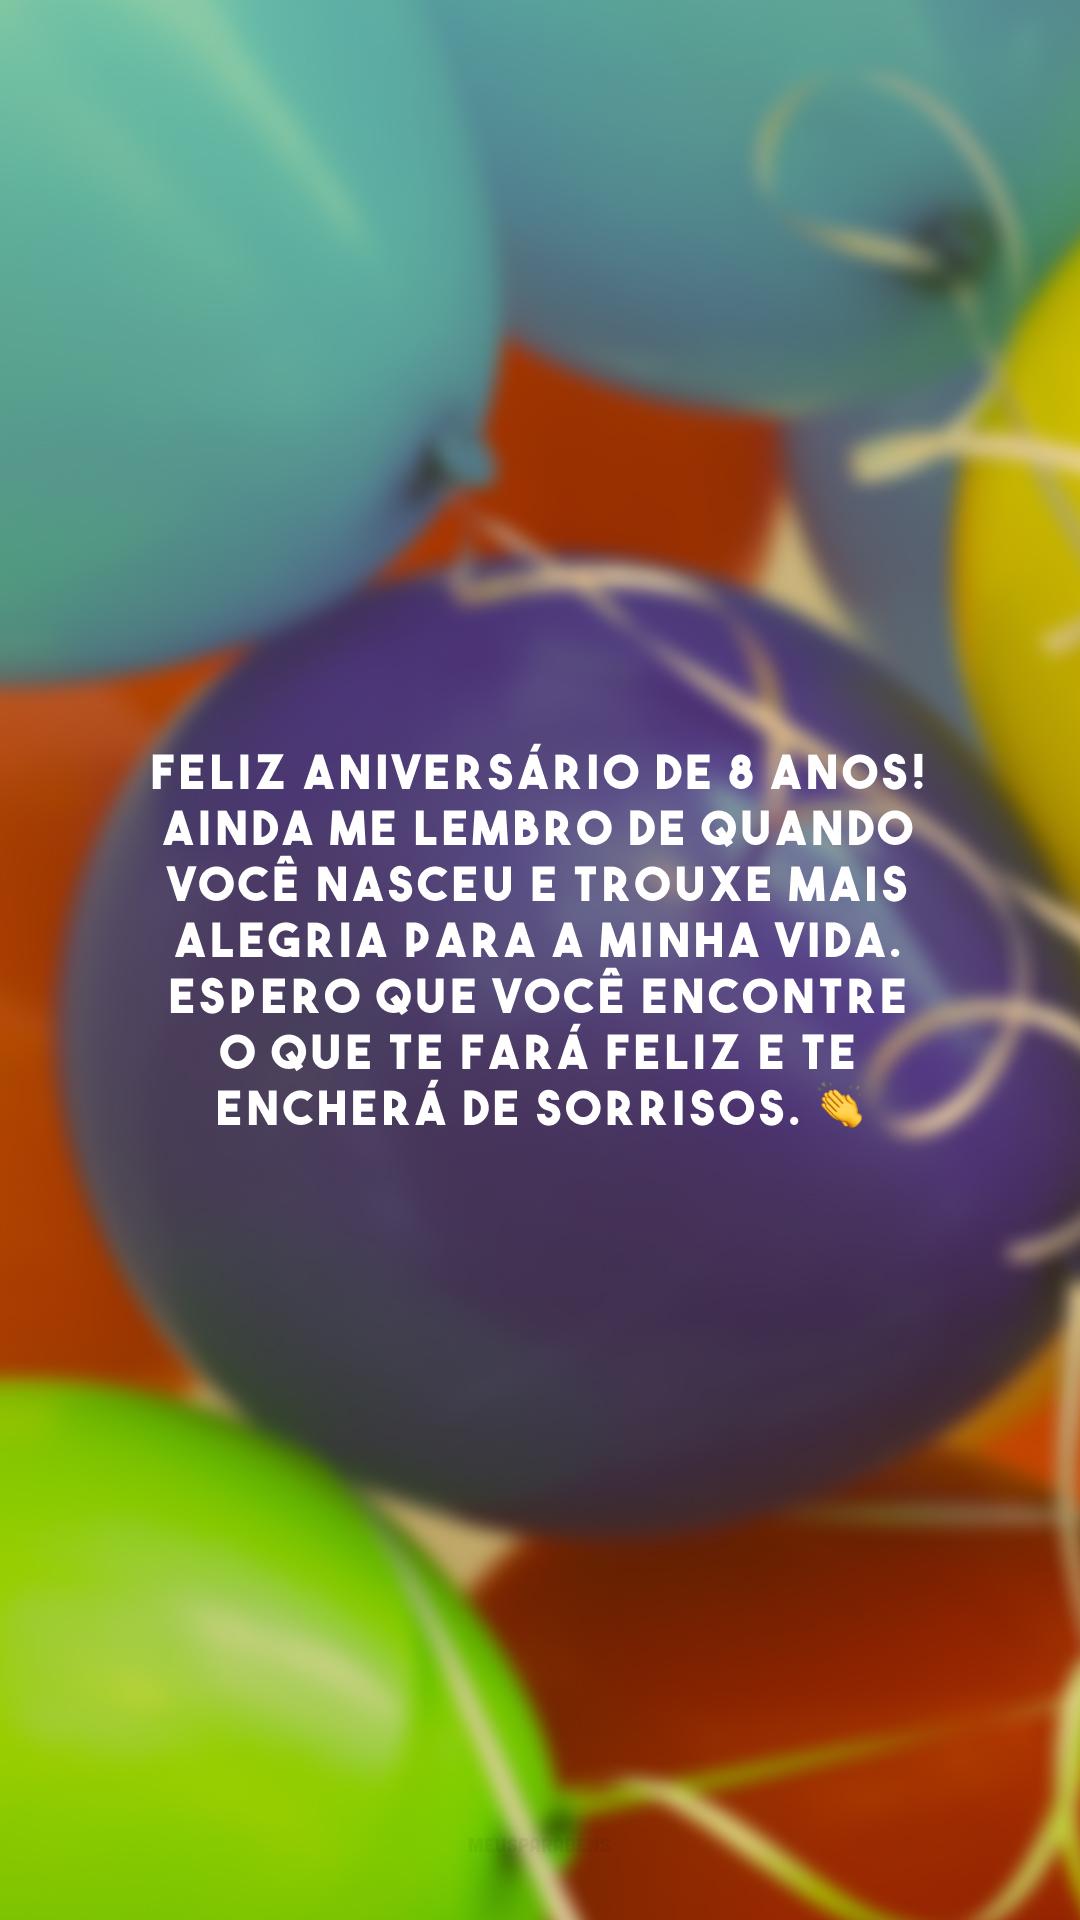 Feliz aniversário de 8 anos! Ainda me lembro de quando você nasceu e trouxe mais alegria para a minha vida. Espero que você encontre o que te fará feliz e te encherá de sorrisos. 👏